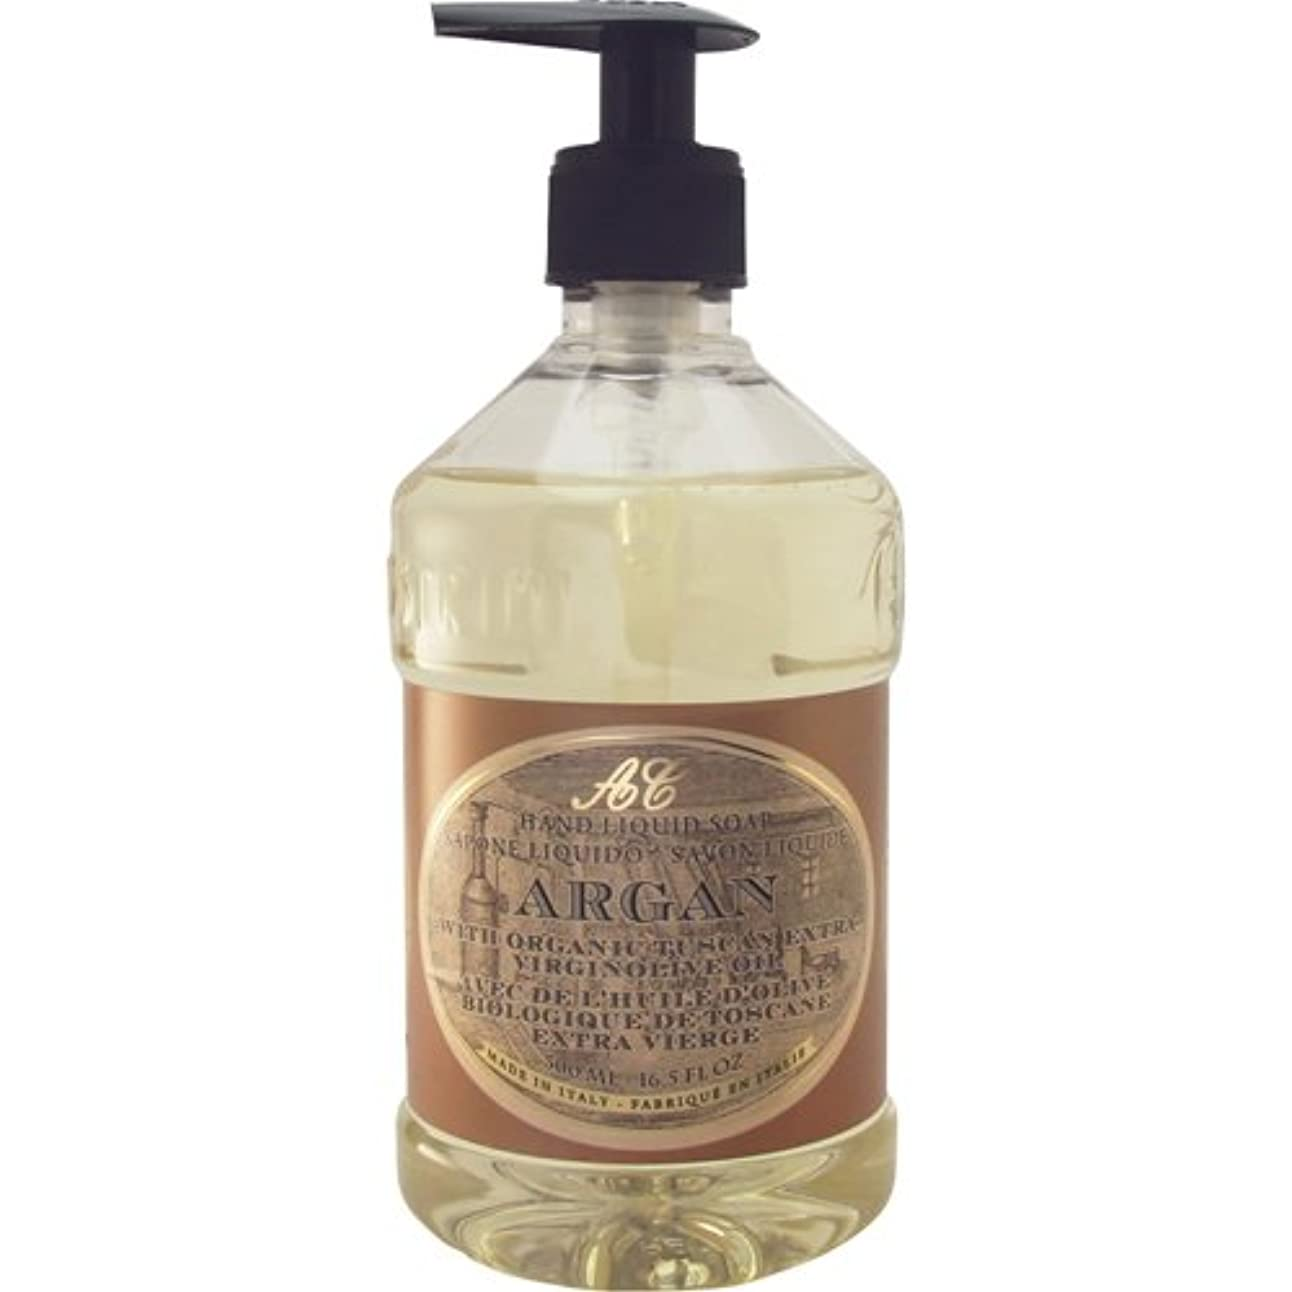 傾向があります光沢カプラーSaponerire Fissi レトロシリーズ Liquid Soap リキッドソープ 500ml Argan アルガンオイル